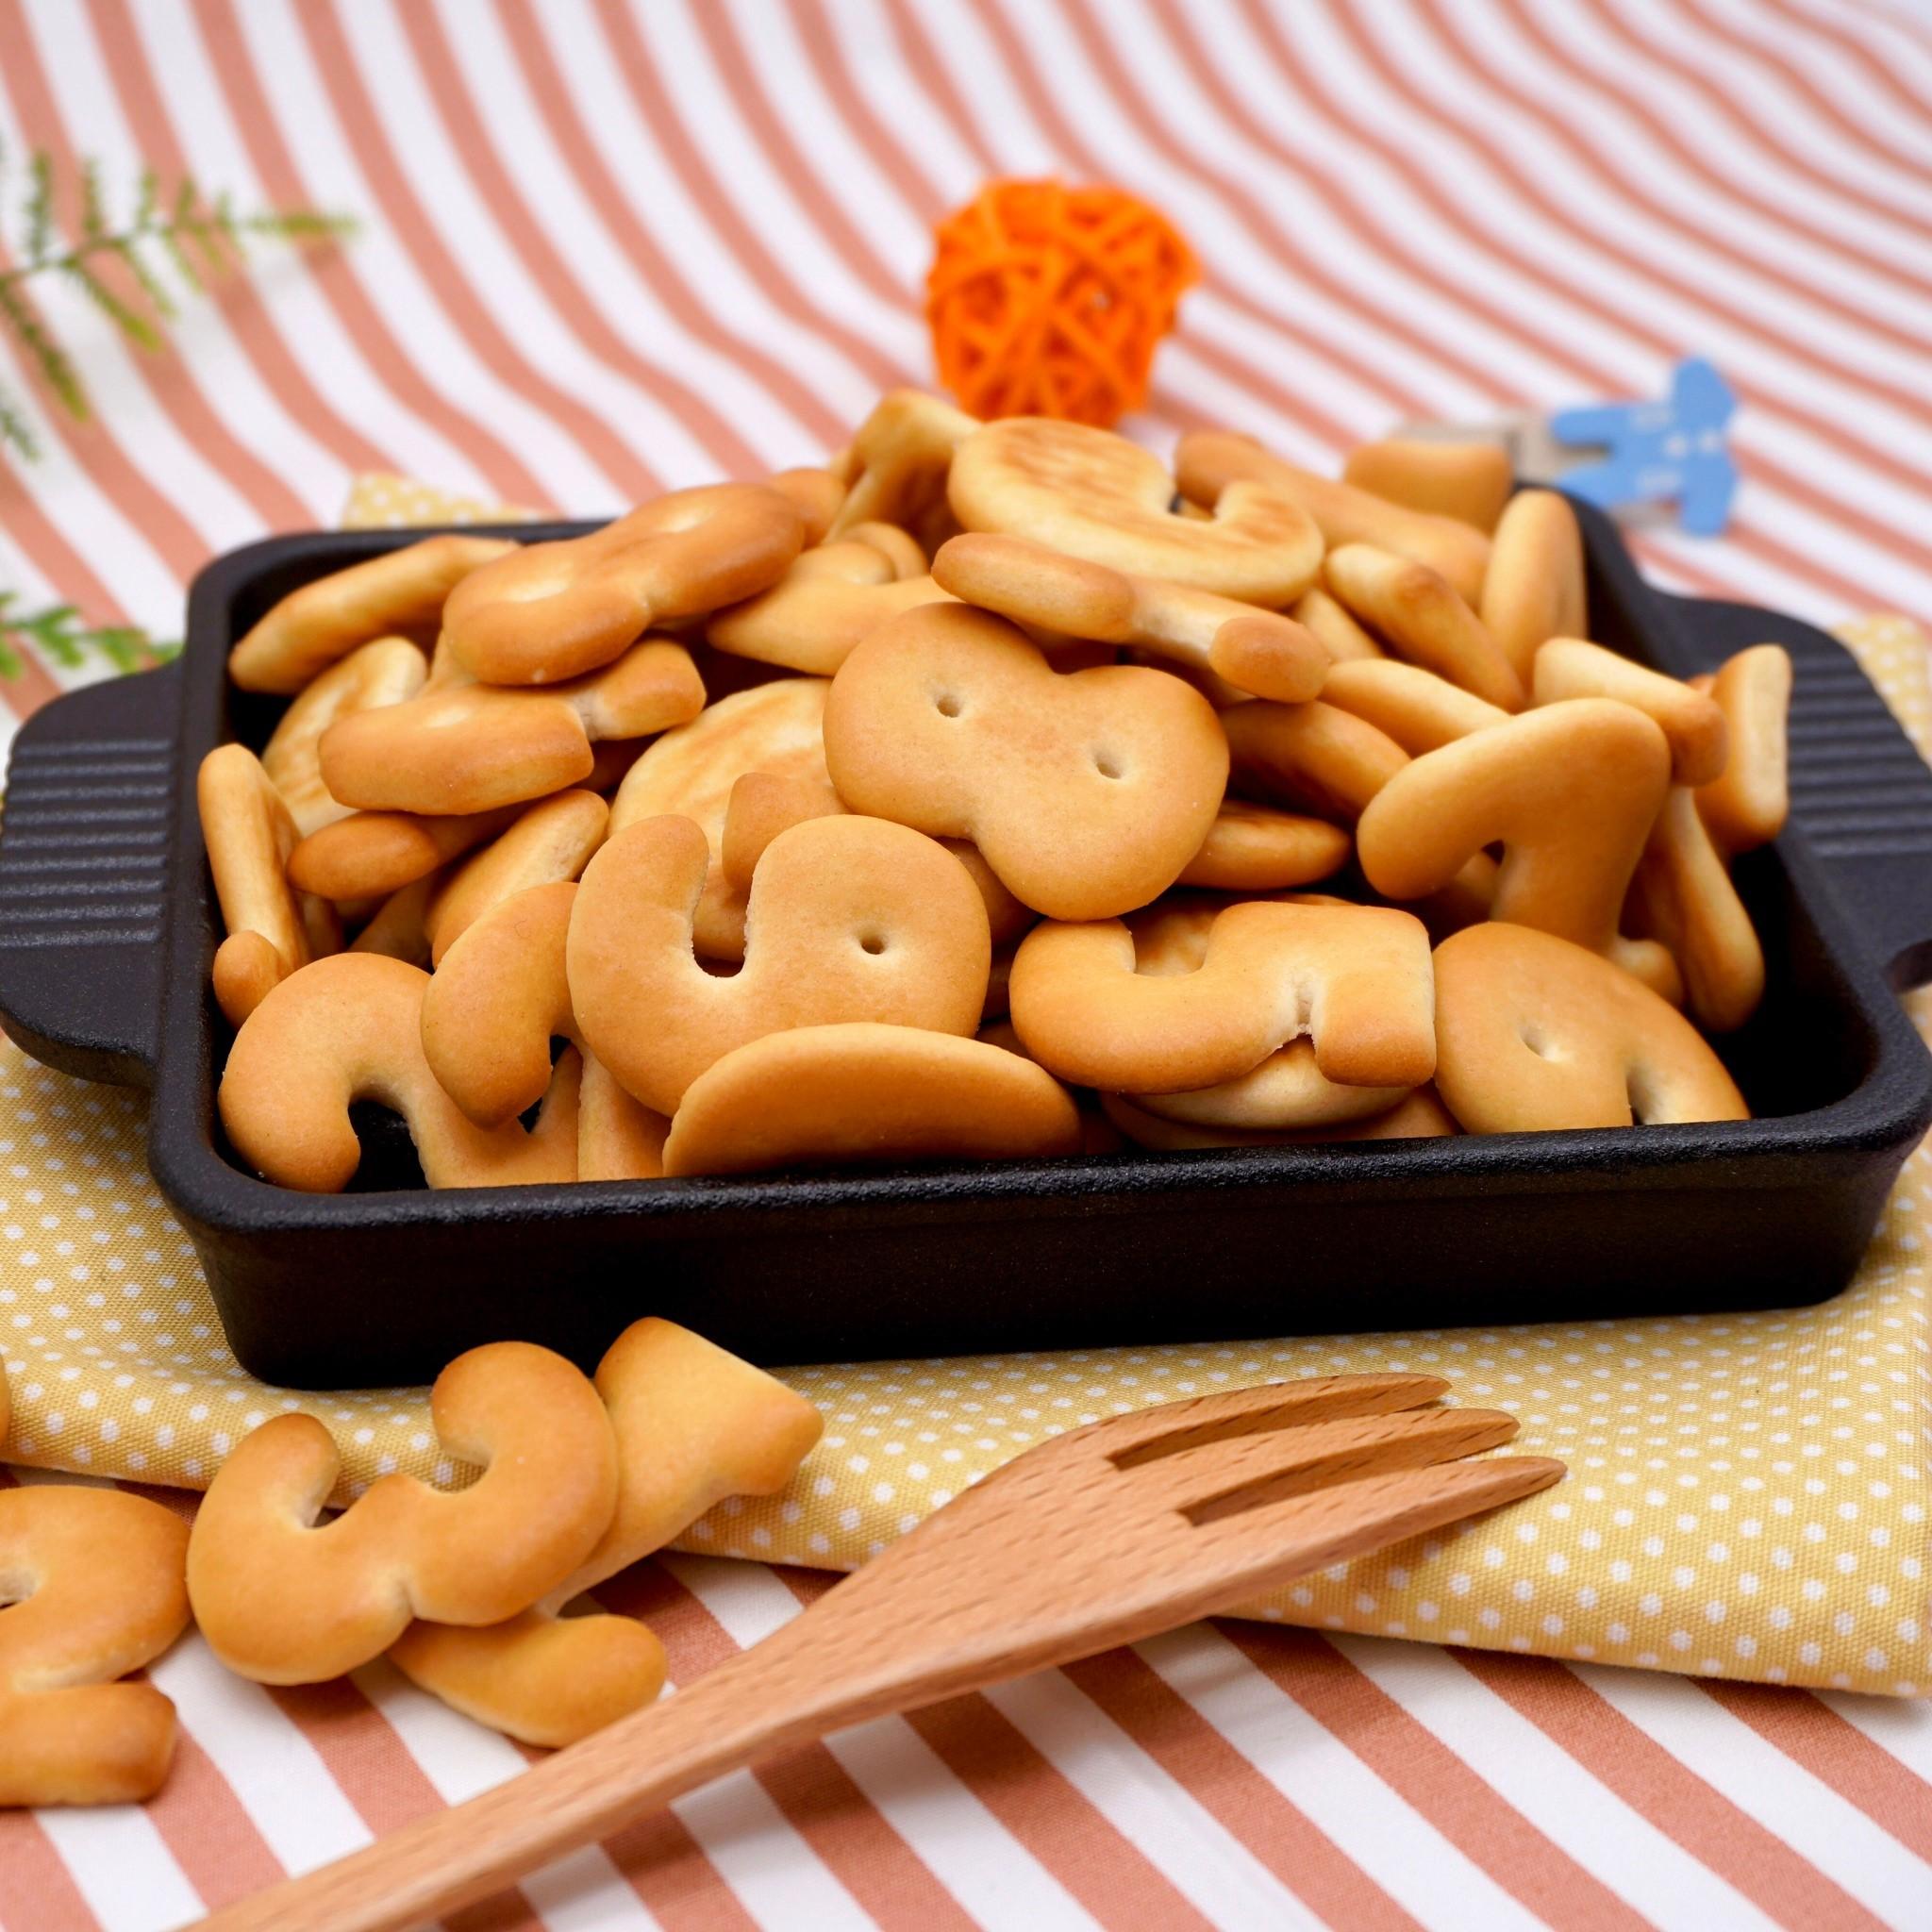 嘴甜甜 數字餅乾 200公克 餅乾系列 飛機餅乾 奶香餅乾 造型餅乾 寶龍 傳統 古早味 餅乾 零食 素食 現貨